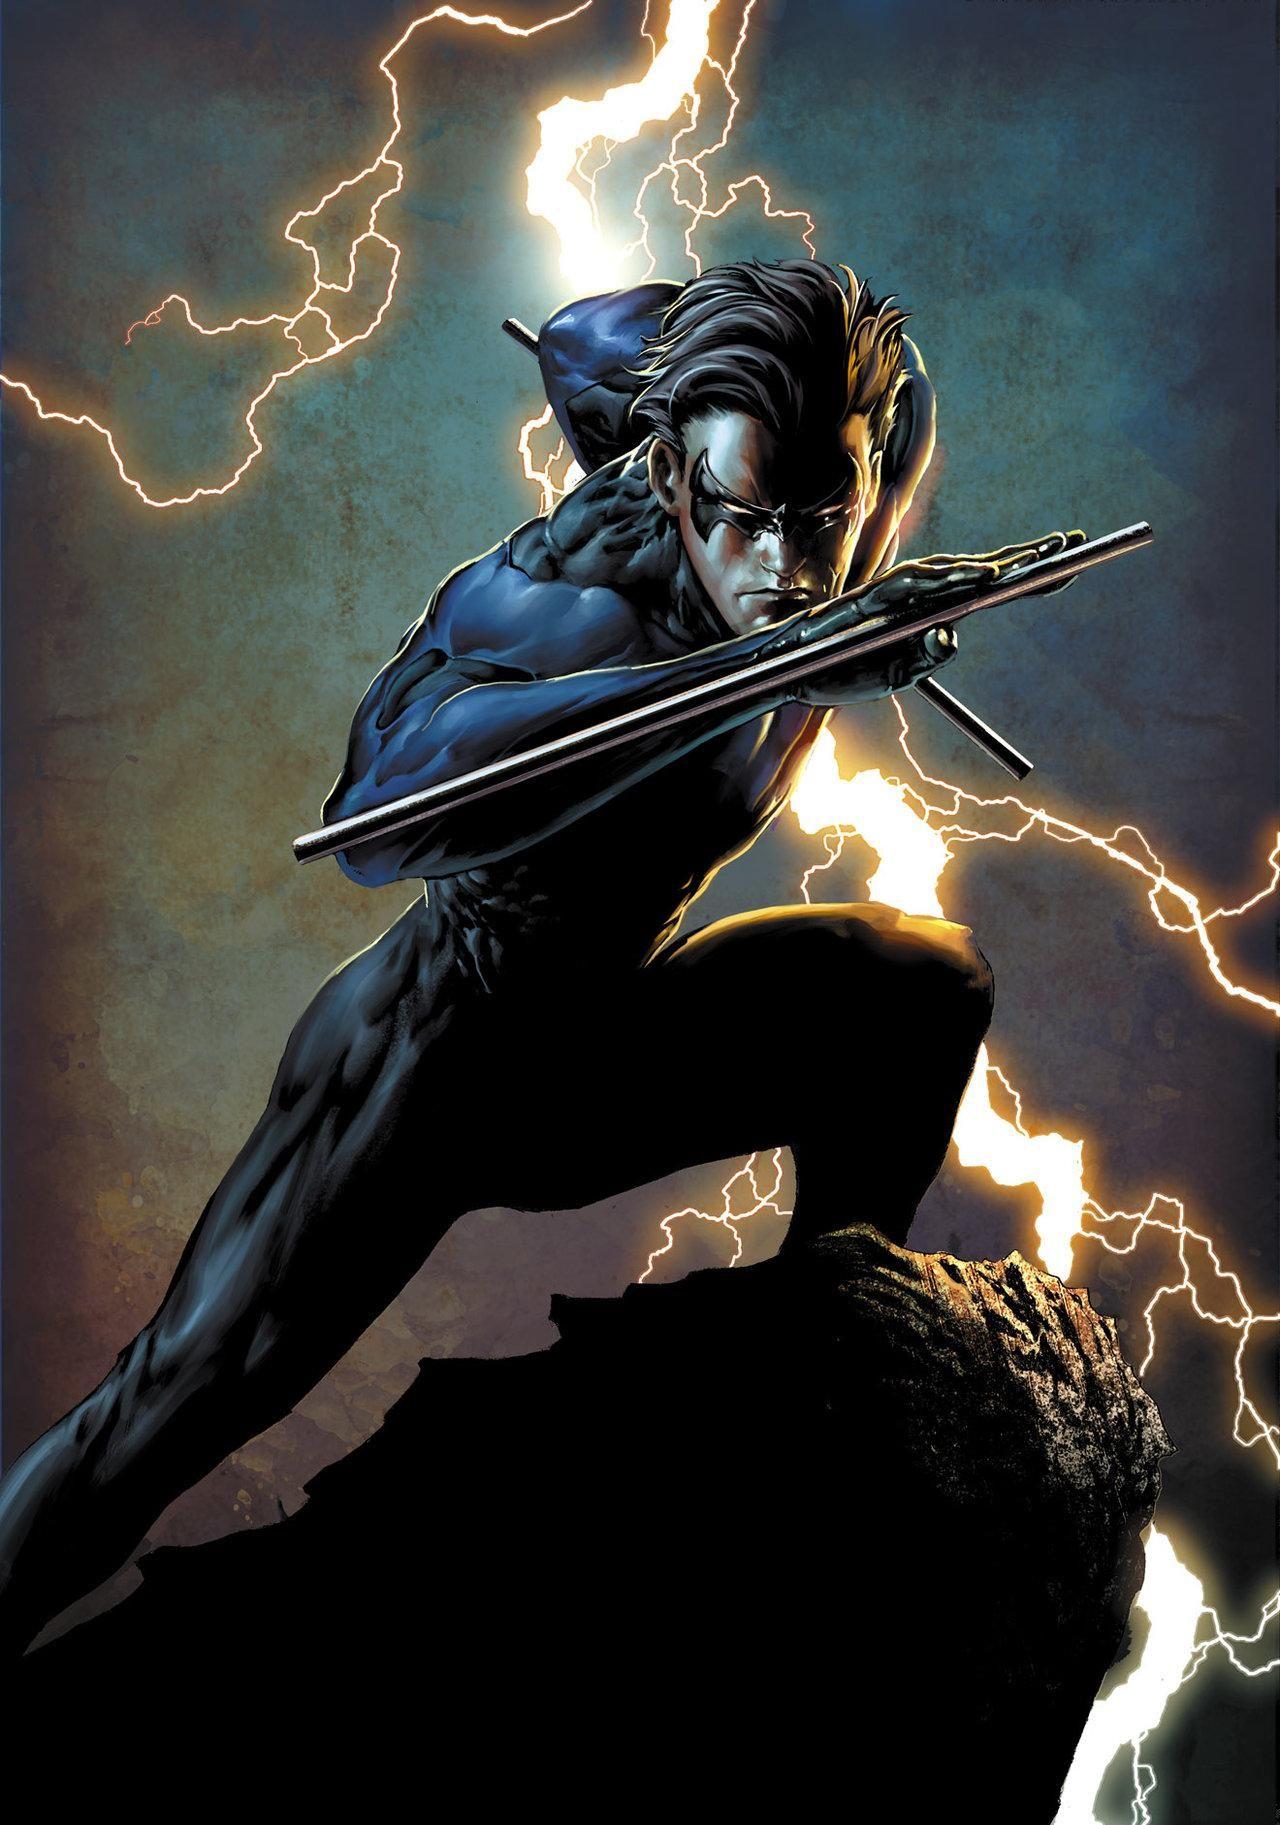 #Nightwing #Fan #Art. (Nightwing #150) By: Philip Tan. (THE * 5 * STÅR * ÅWARD * OF * MAJOR ÅWESOMENESS!!!™)